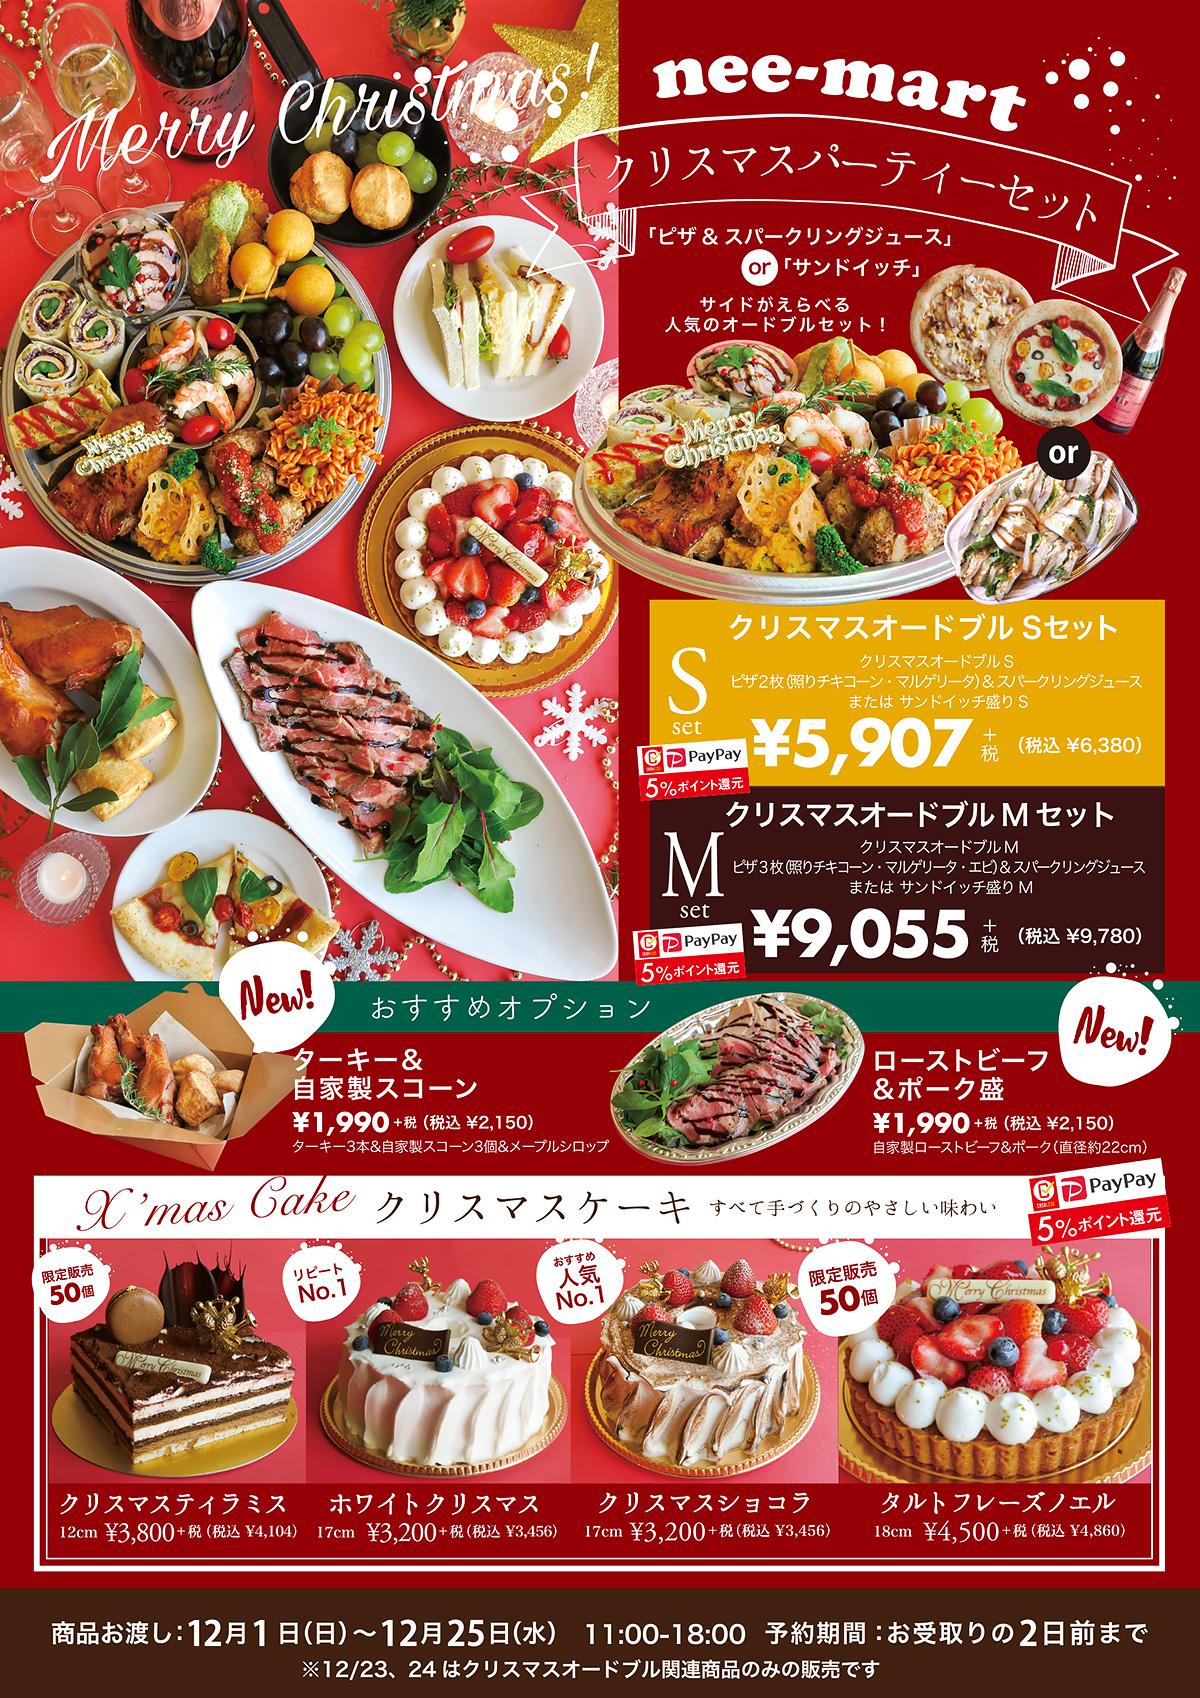 クリスマスケーキ 2019 / オードブル料理 鳥取 予約受付中